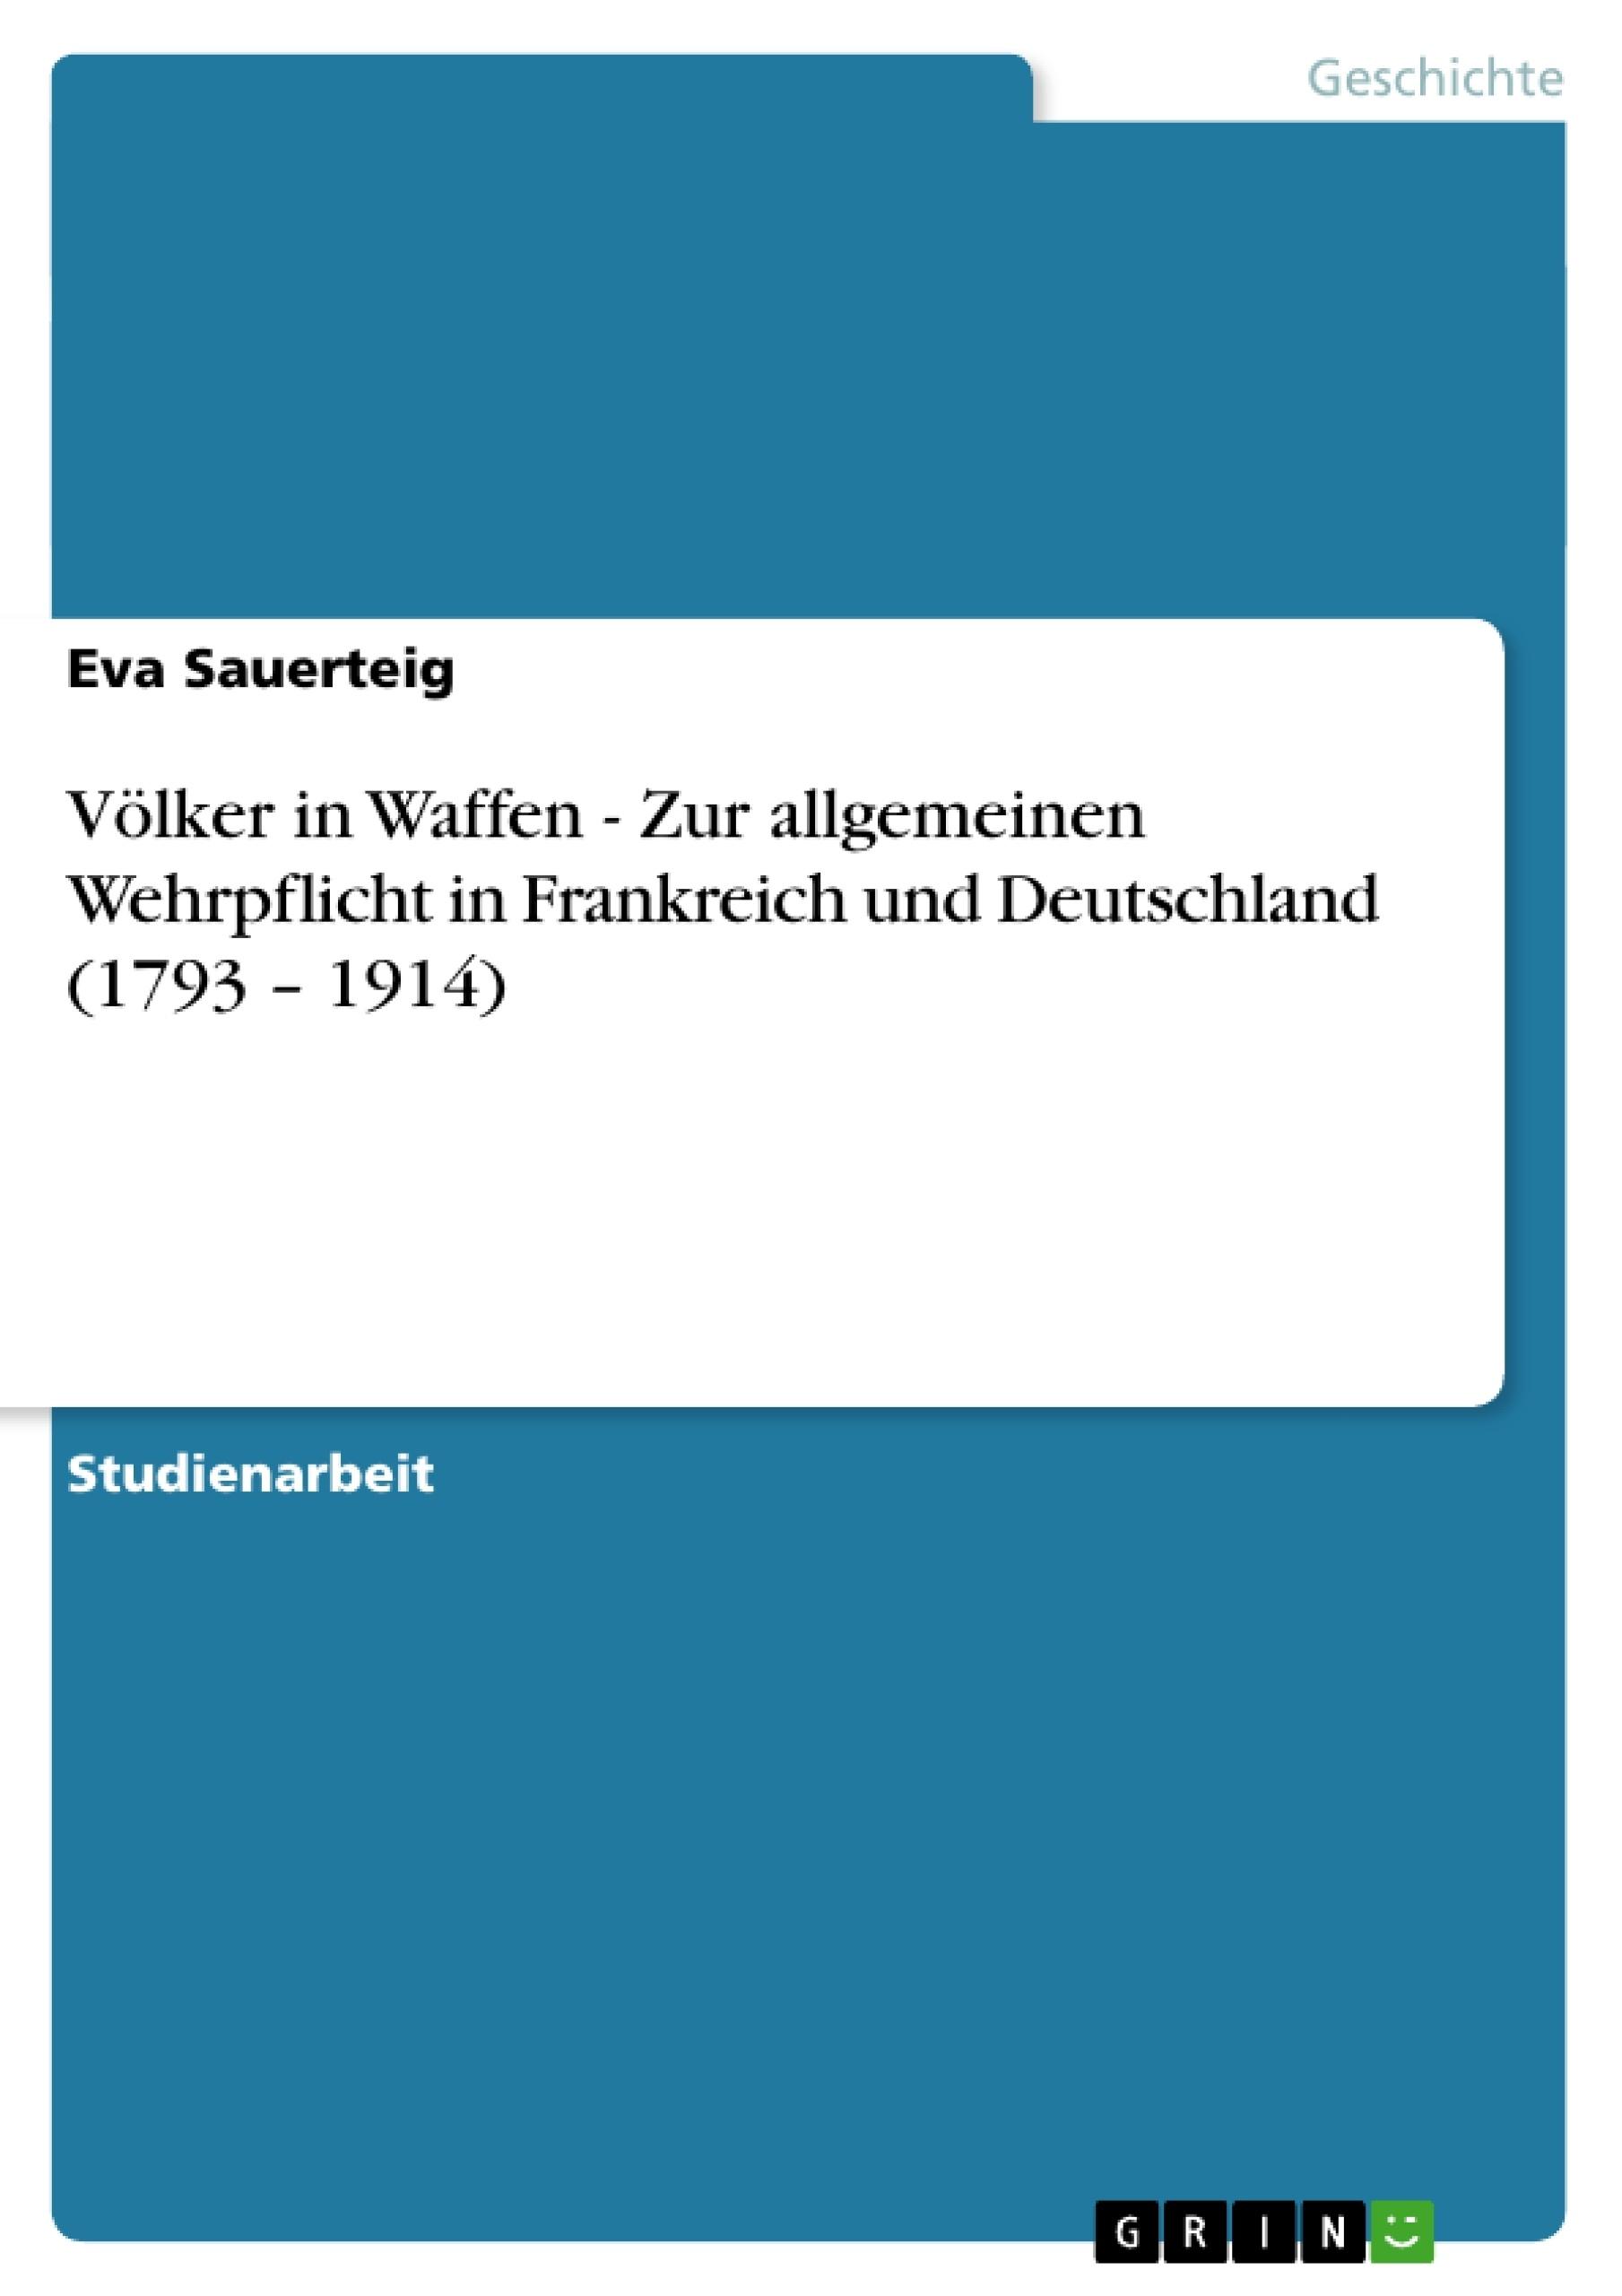 Titel: Völker in Waffen - Zur allgemeinen Wehrpflicht in Frankreich und Deutschland (1793 – 1914)